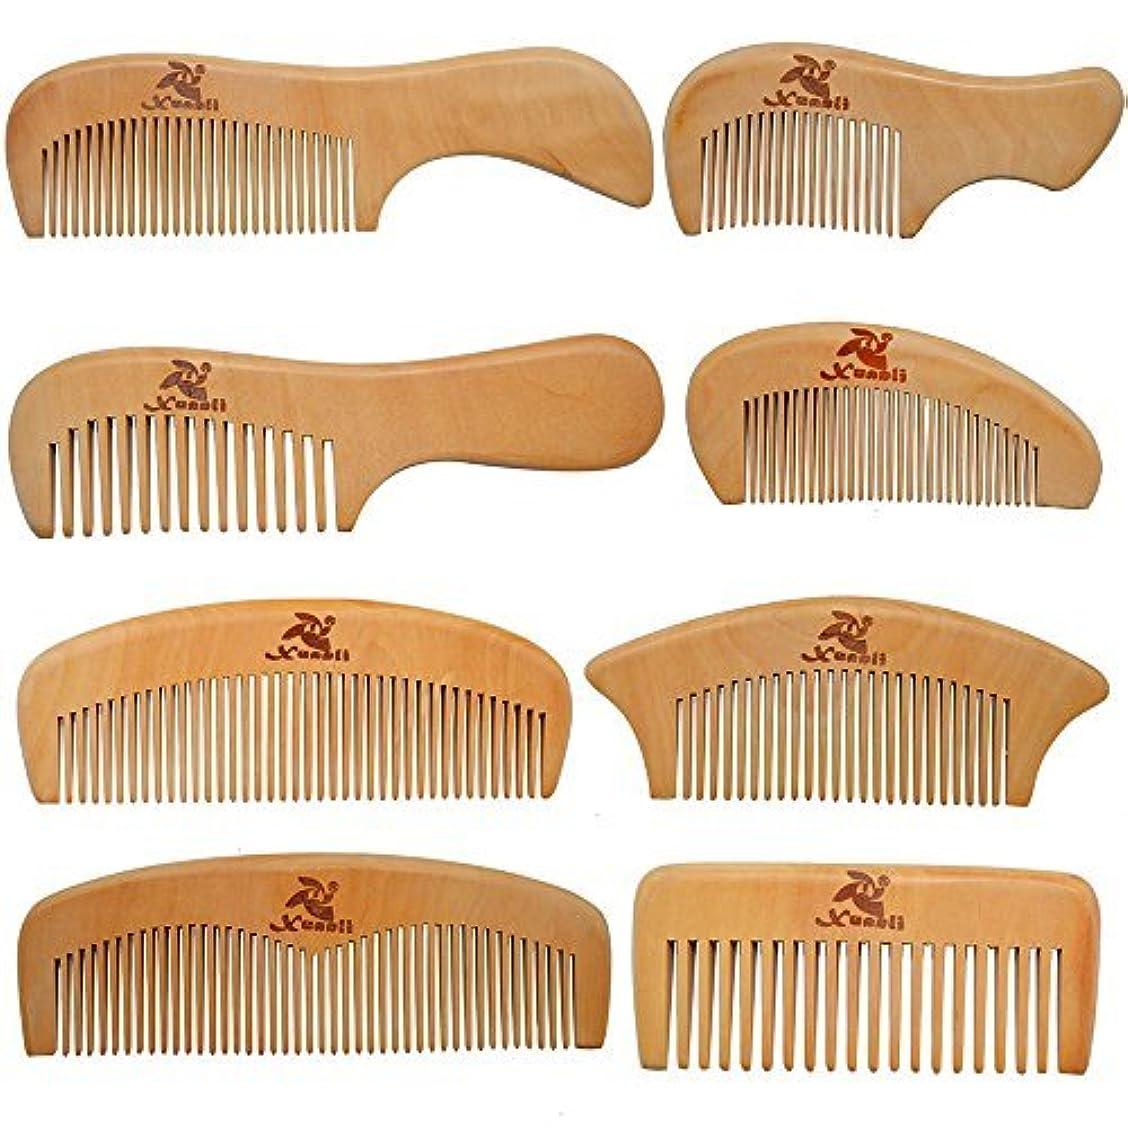 住む付属品ジャンルXuanli 8 Pcs The Family Of Hair Comb set - Wood with Anti-Static & No Snag Handmade Brush for Beard, Head Hair...